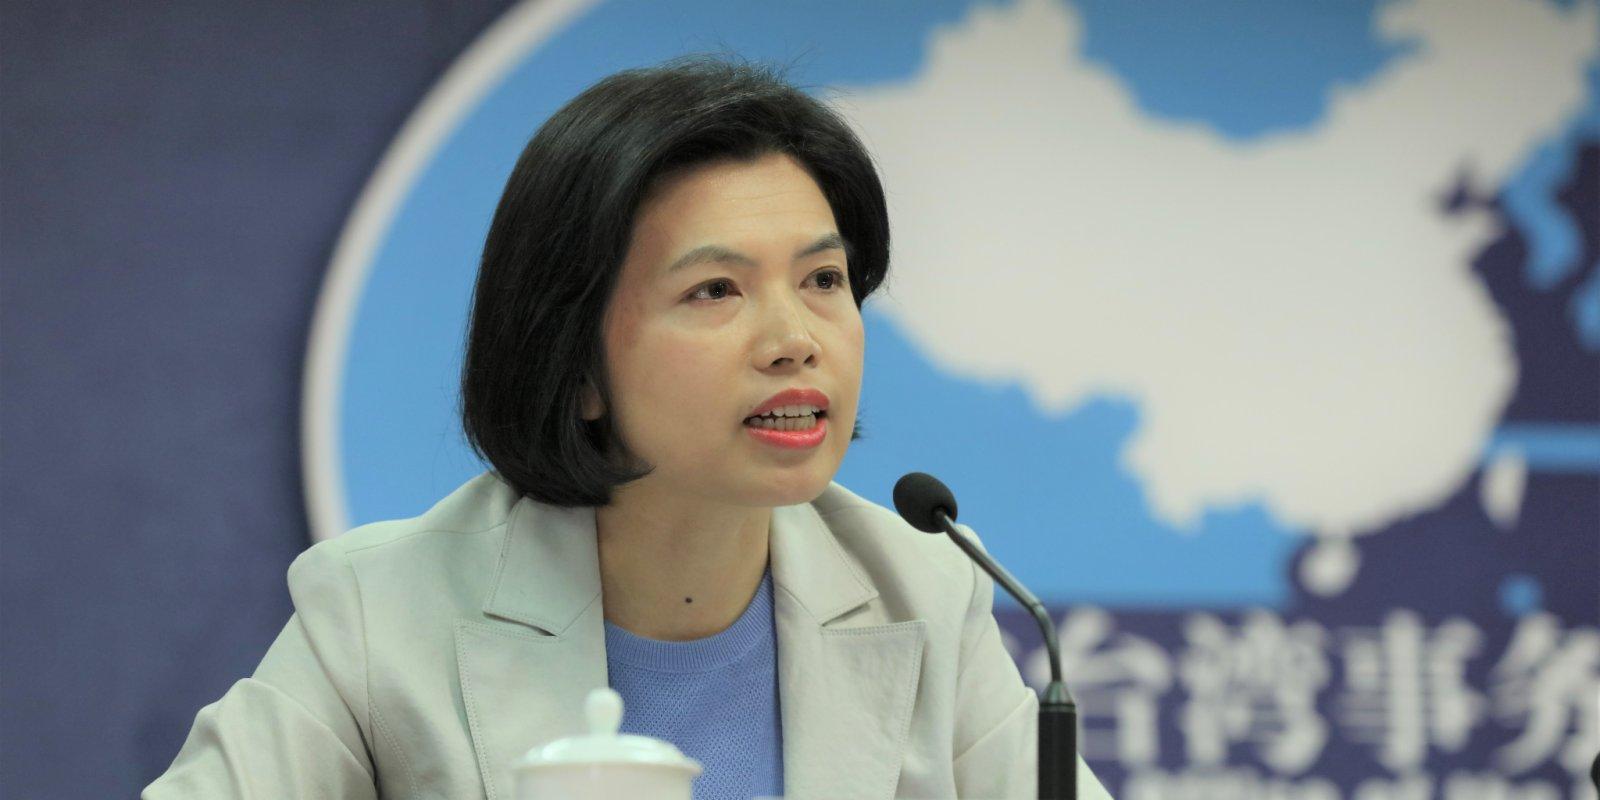 國台辦:民進黨當局慣於惡意操弄香港事務